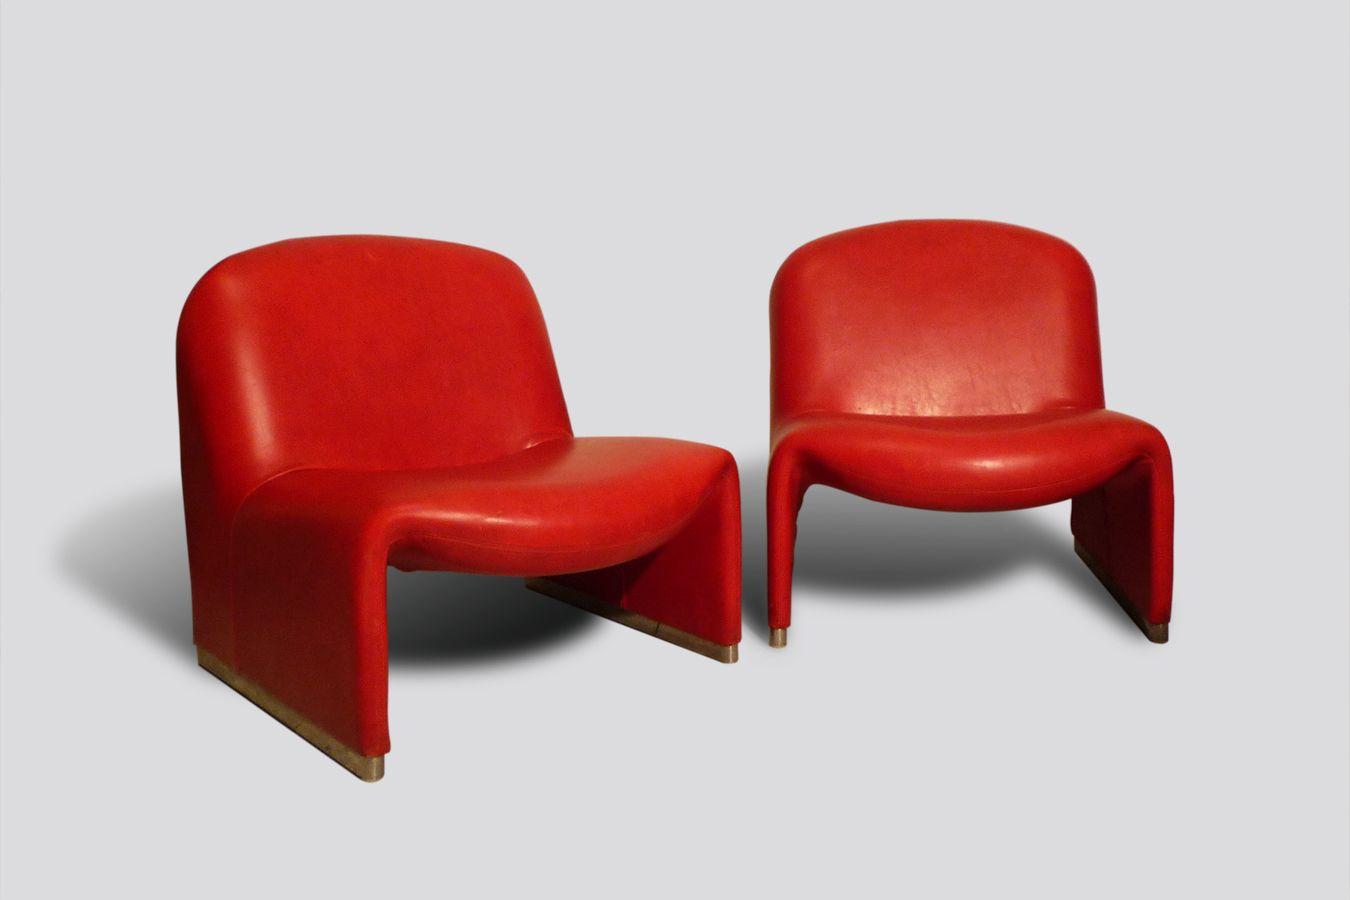 italienische mid century alki sessel von giancarlo piretti for castelli 1960er bei pamono kaufen. Black Bedroom Furniture Sets. Home Design Ideas